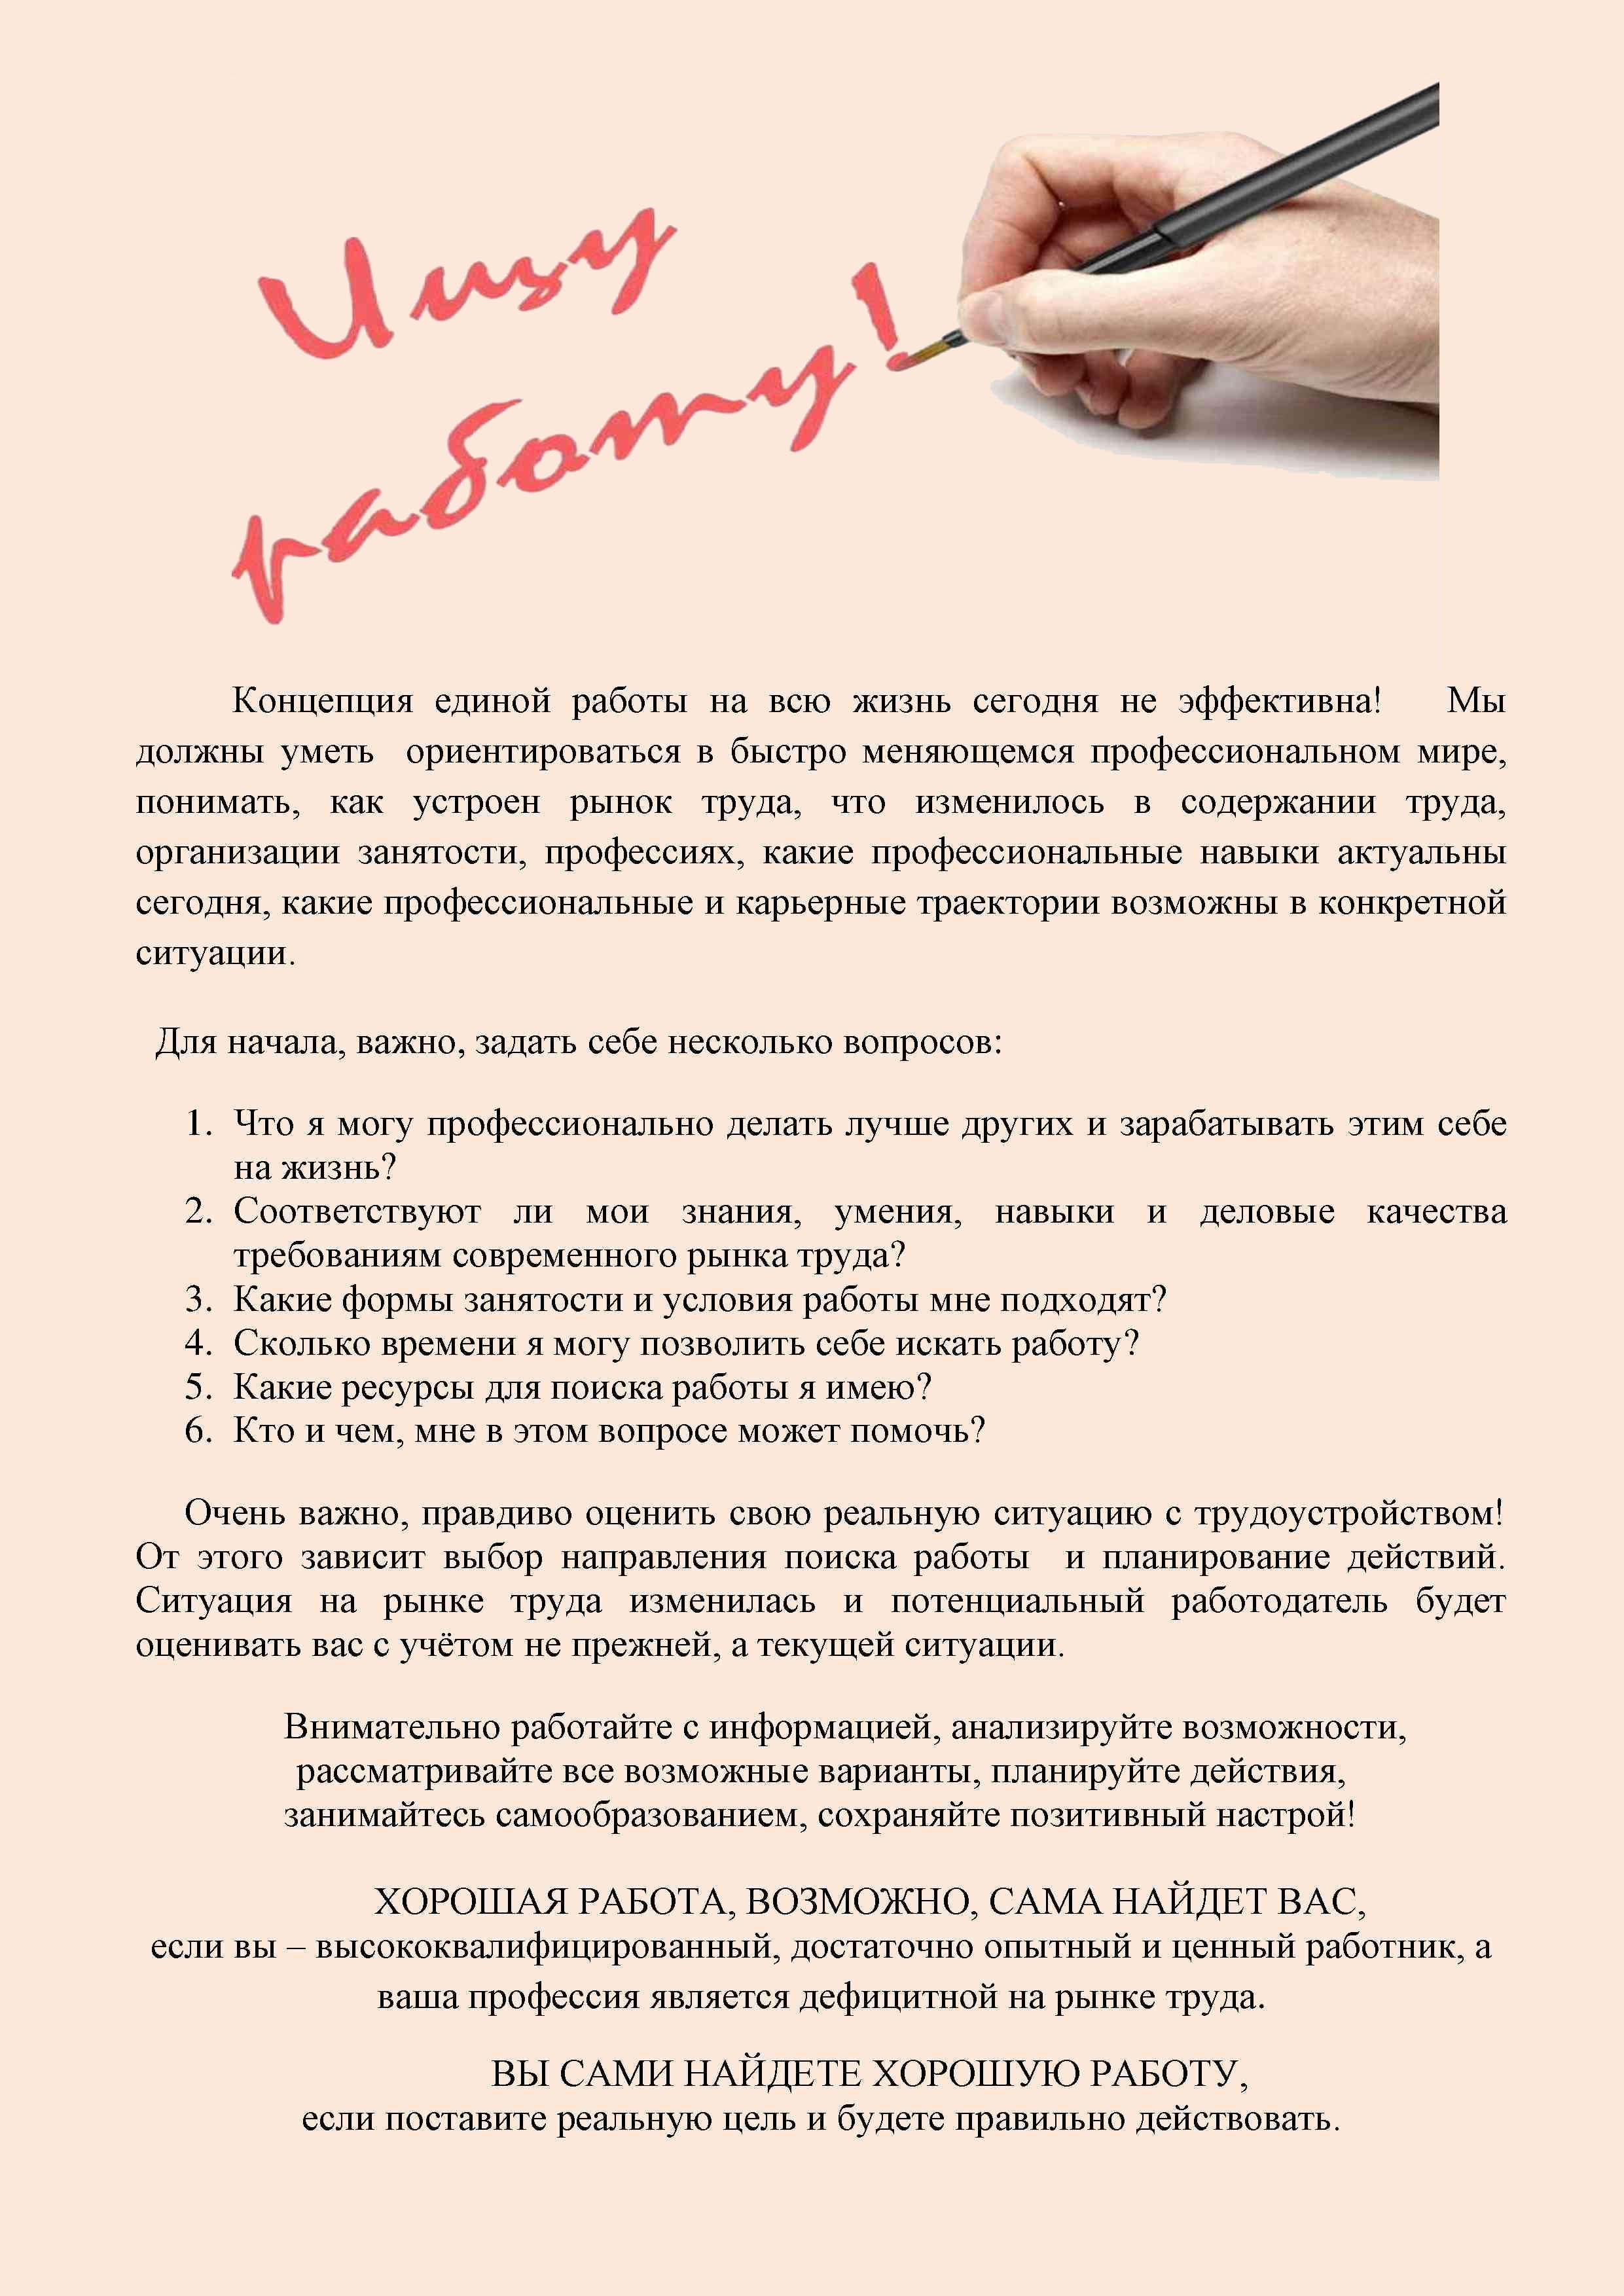 Ищу работу-001